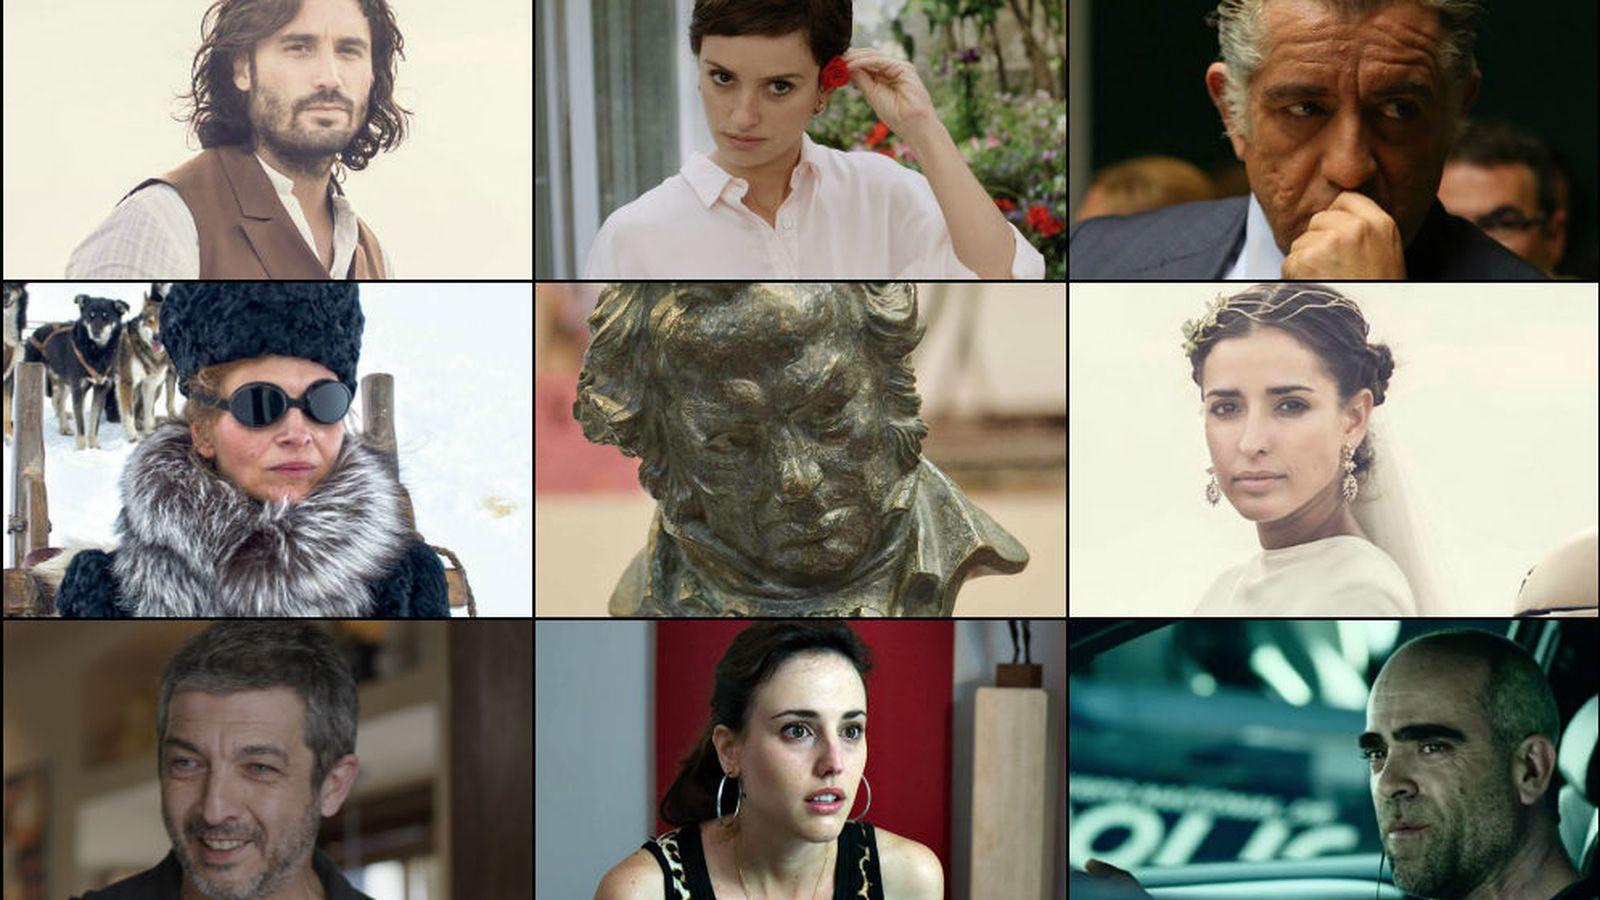 Premios Goya Estos son los actores y actrices que brillarán en la gala de los Goya. Noticias de Noticias